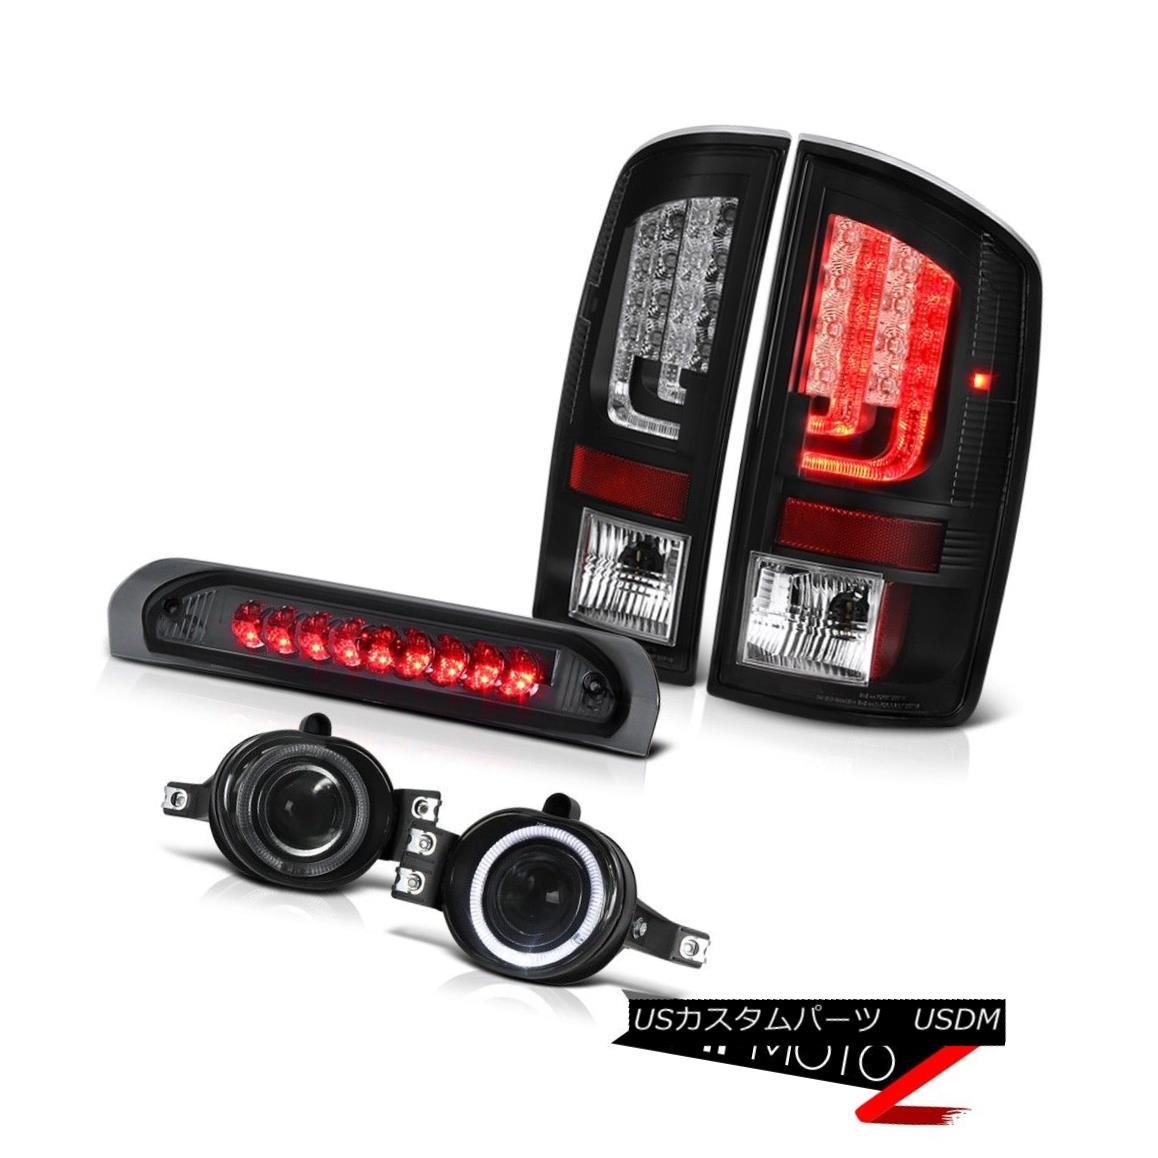 テールライト 07-08 Dodge Ram 1500 ST Tail Brake Lamps Fog 3RD Lamp OLED Prism